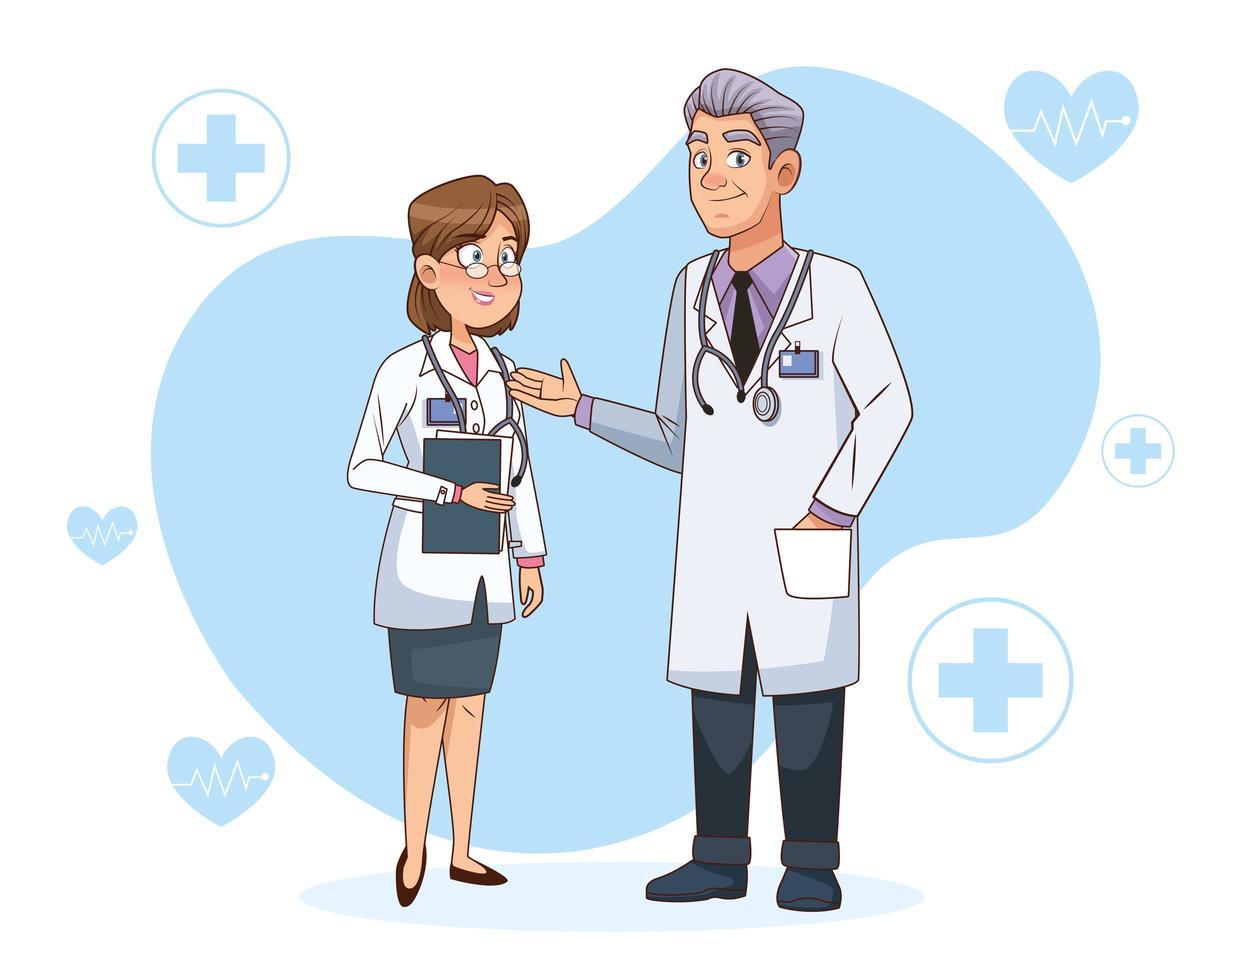 professionella läkare par karaktärer vektor